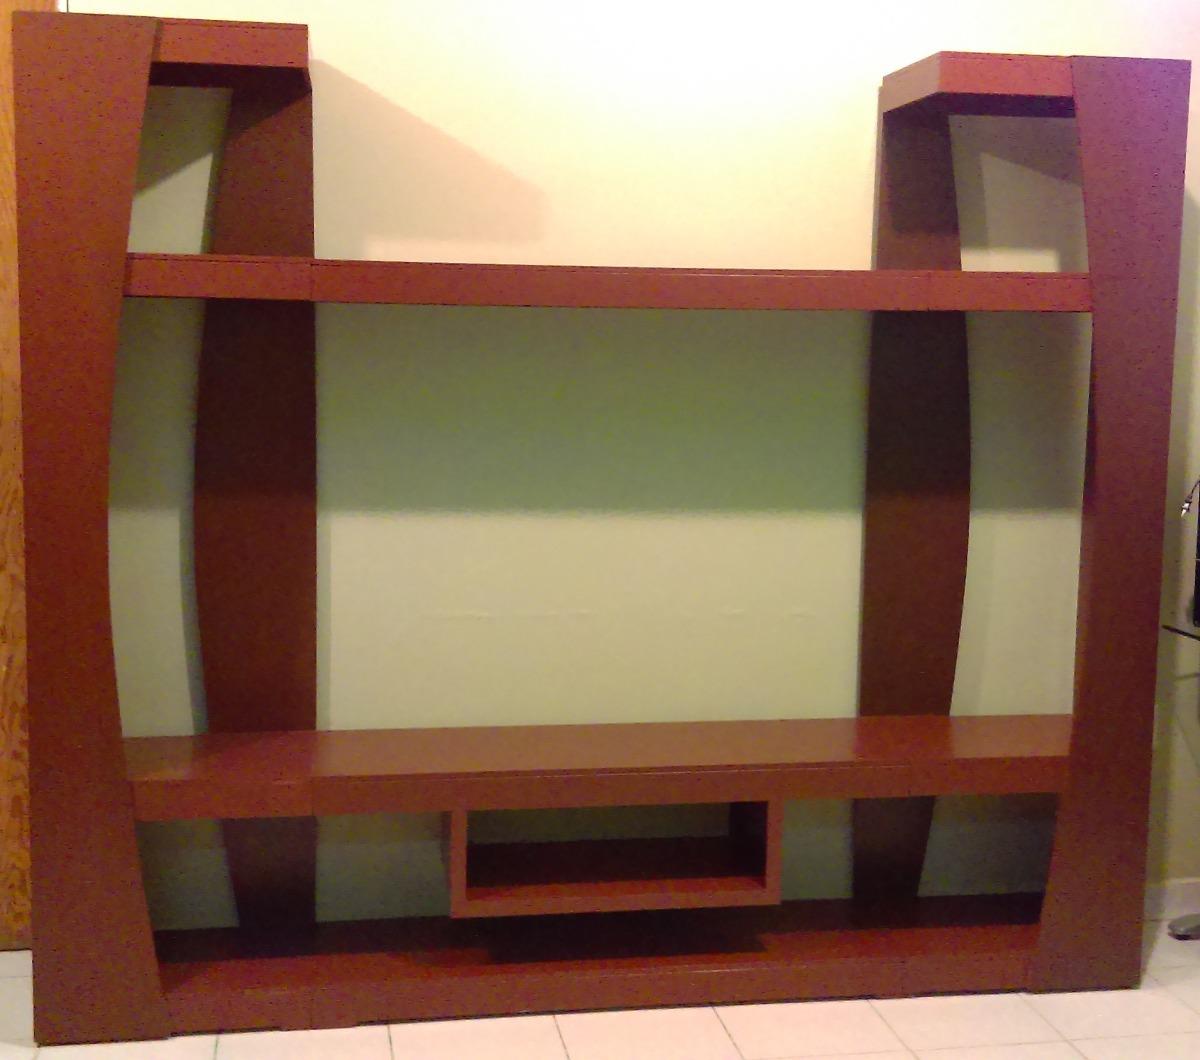 Centro entretenimiento mueble modular para sala de tv for Muebles modernos para sala